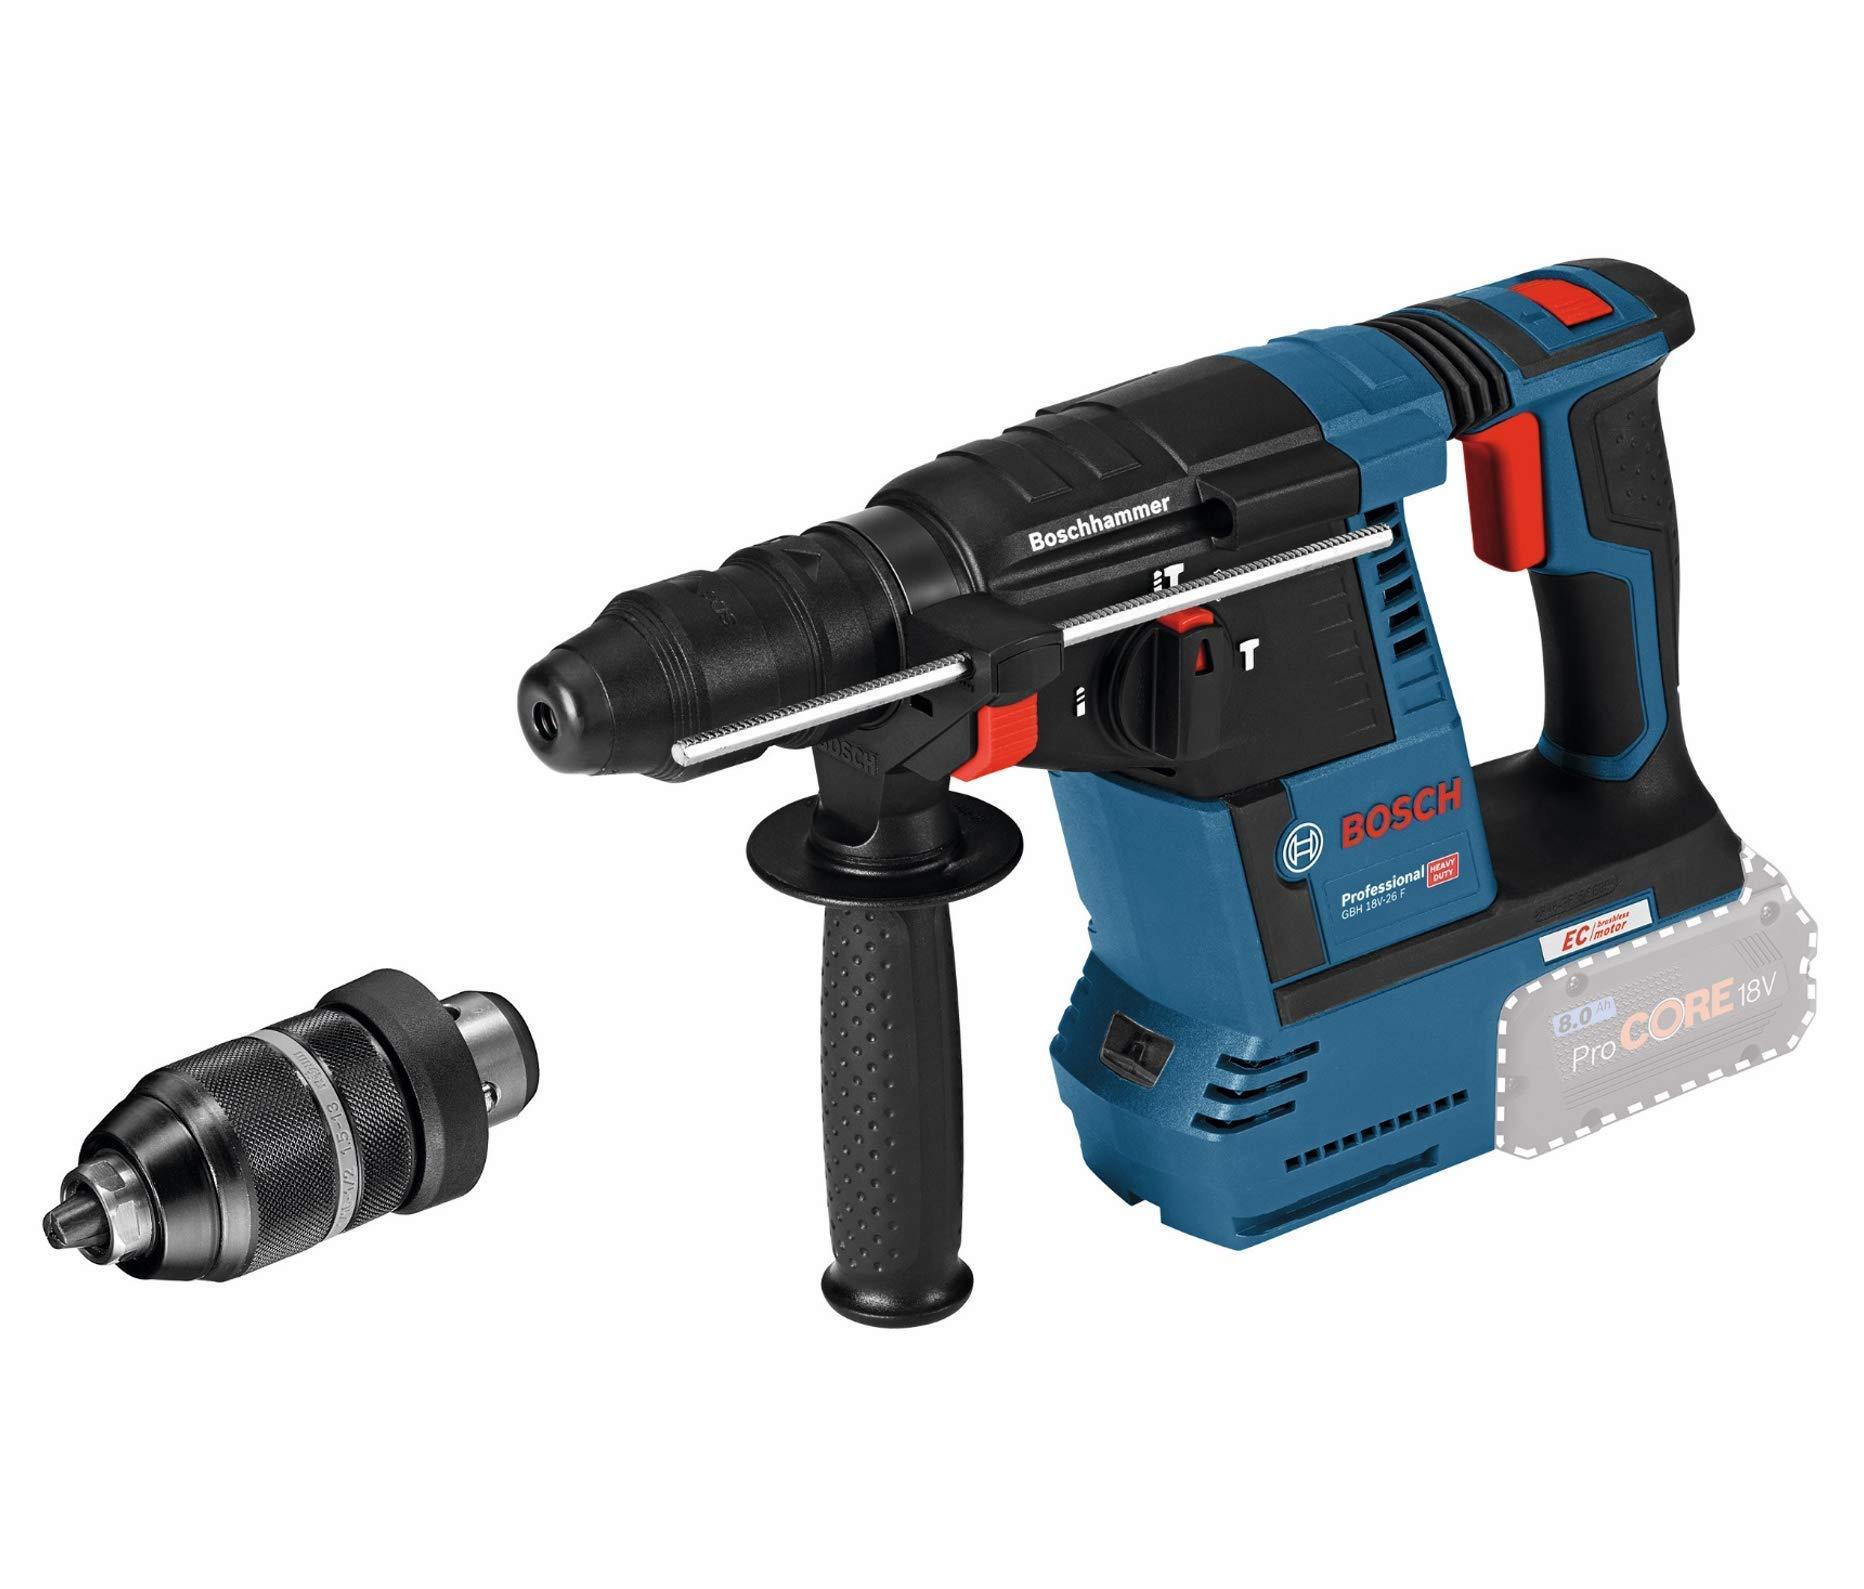 Bosch Professional GBH 18V-26 Akku Bohrhammer mit SDS Plus Schnellwechselbohrfutter